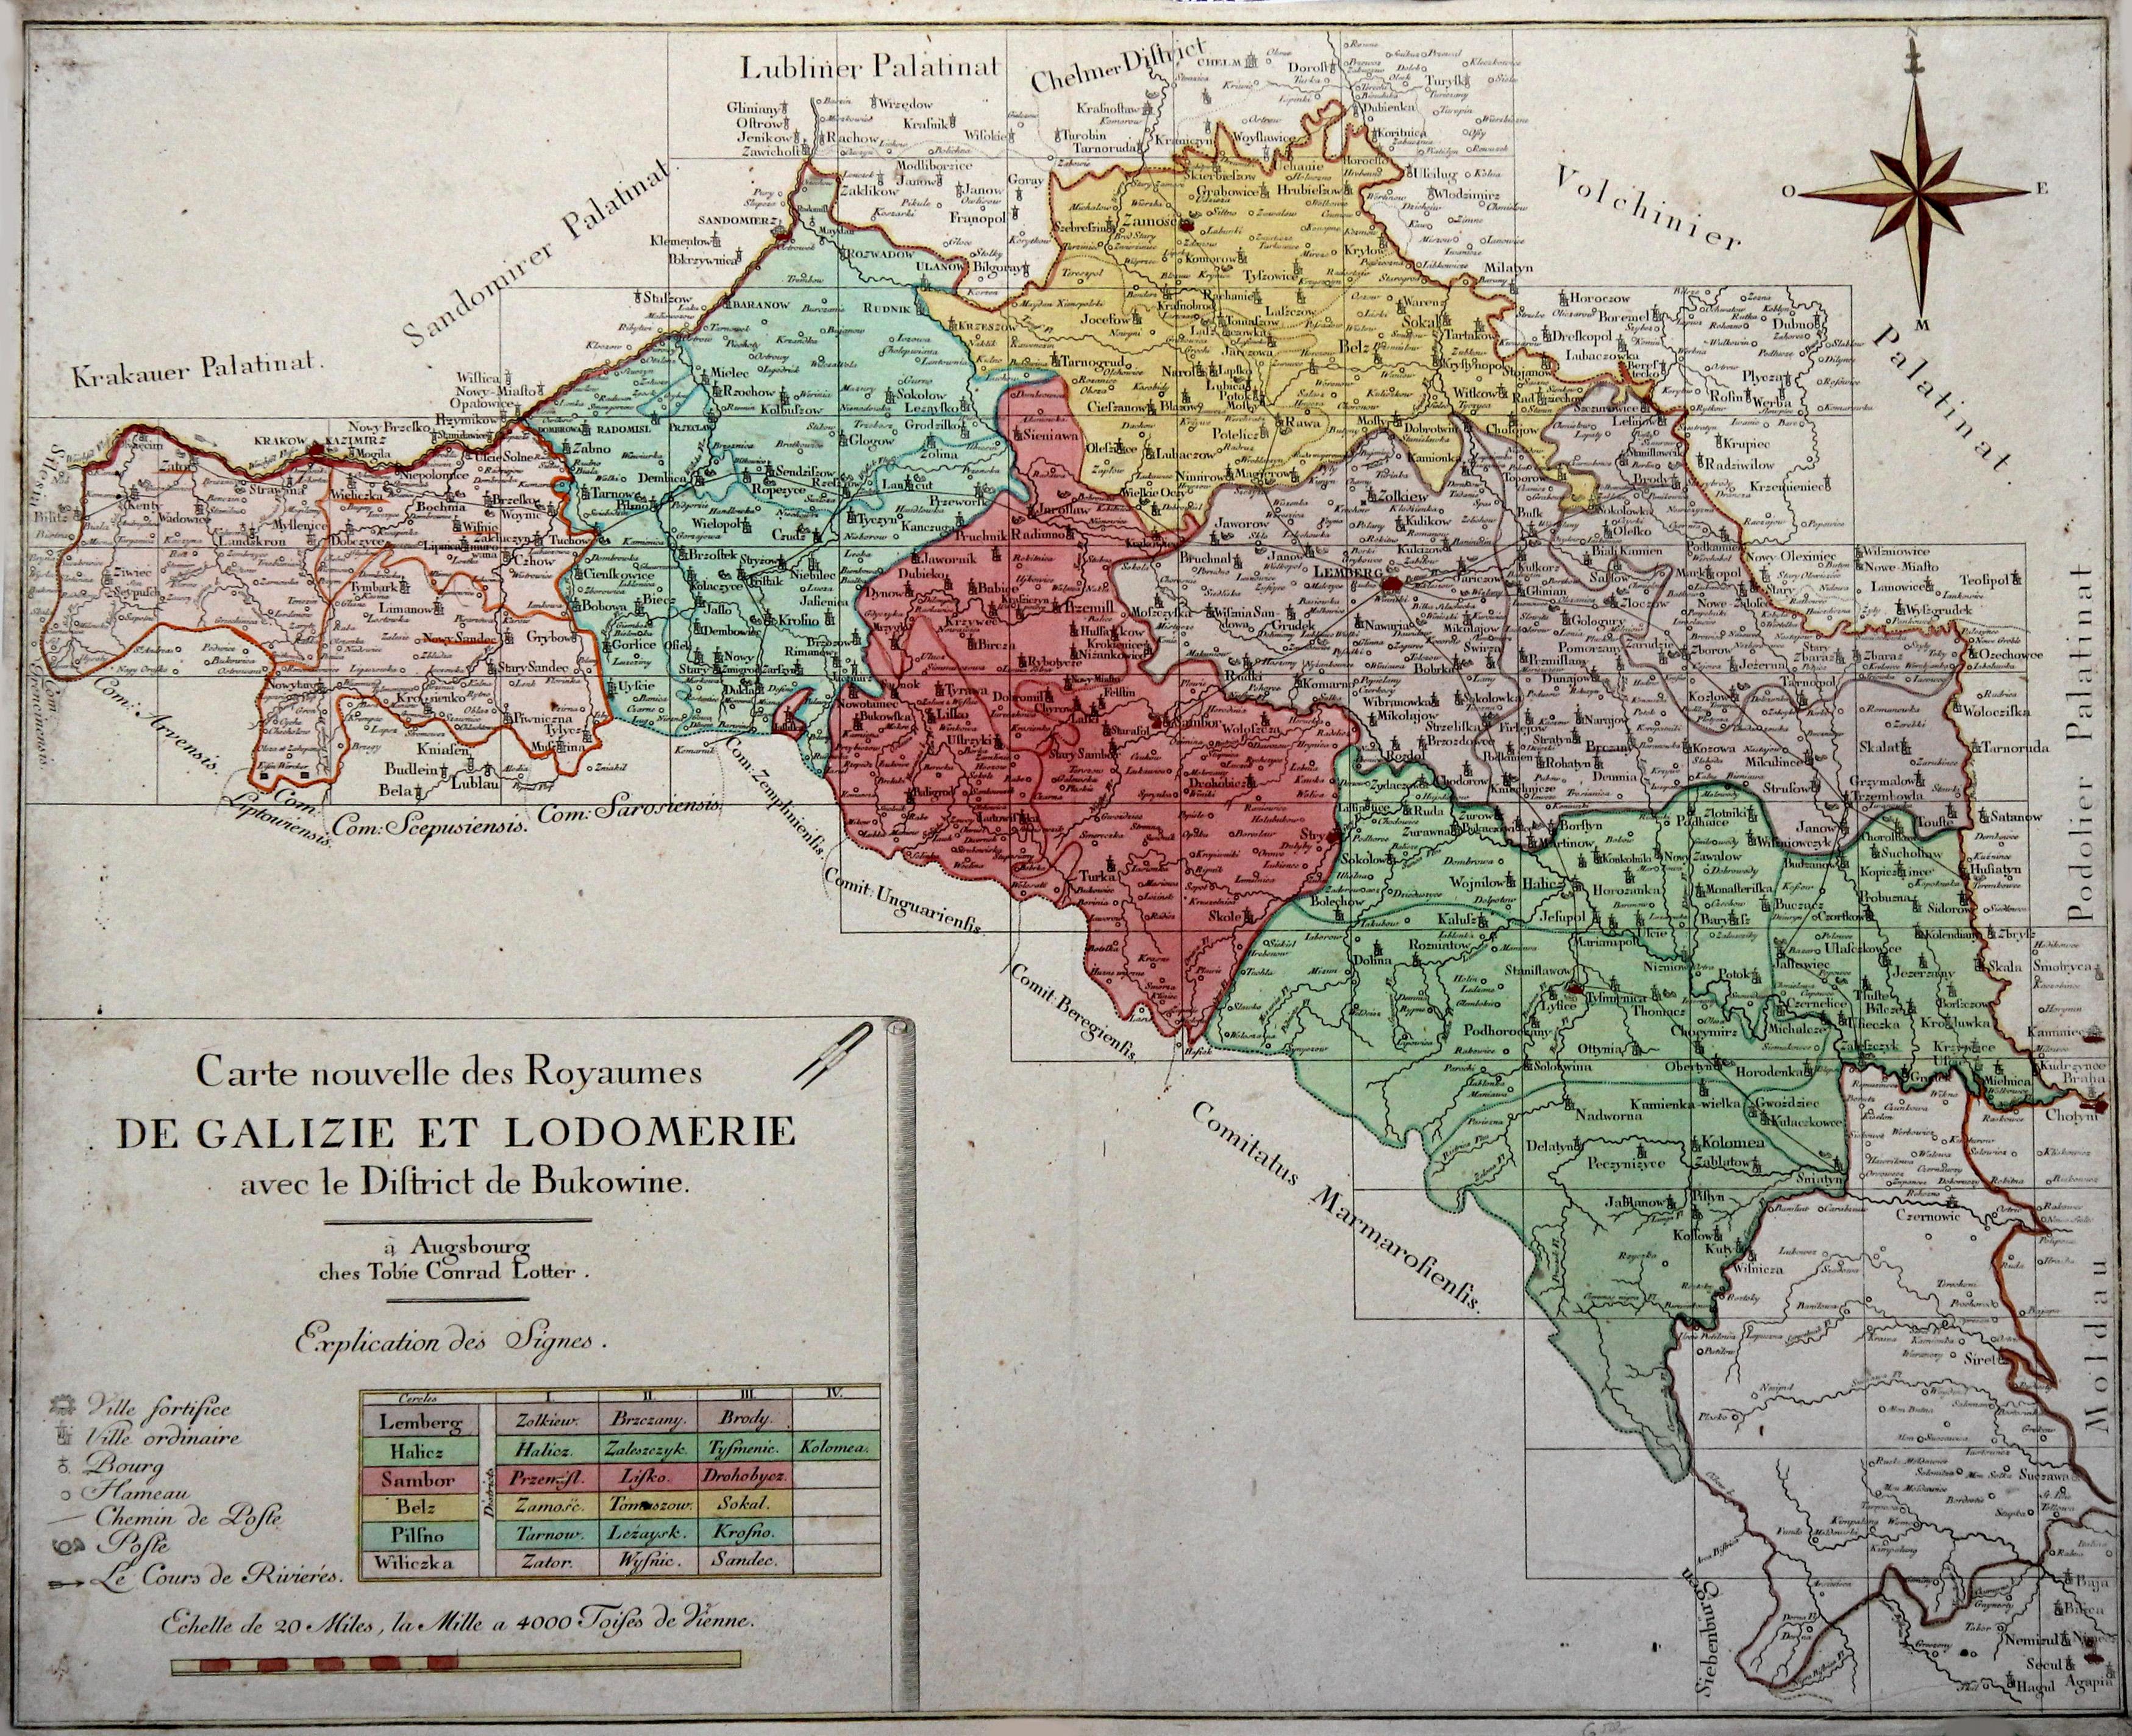 Galizien Karte.Kupferstich Karte V Von Galizien Zvab